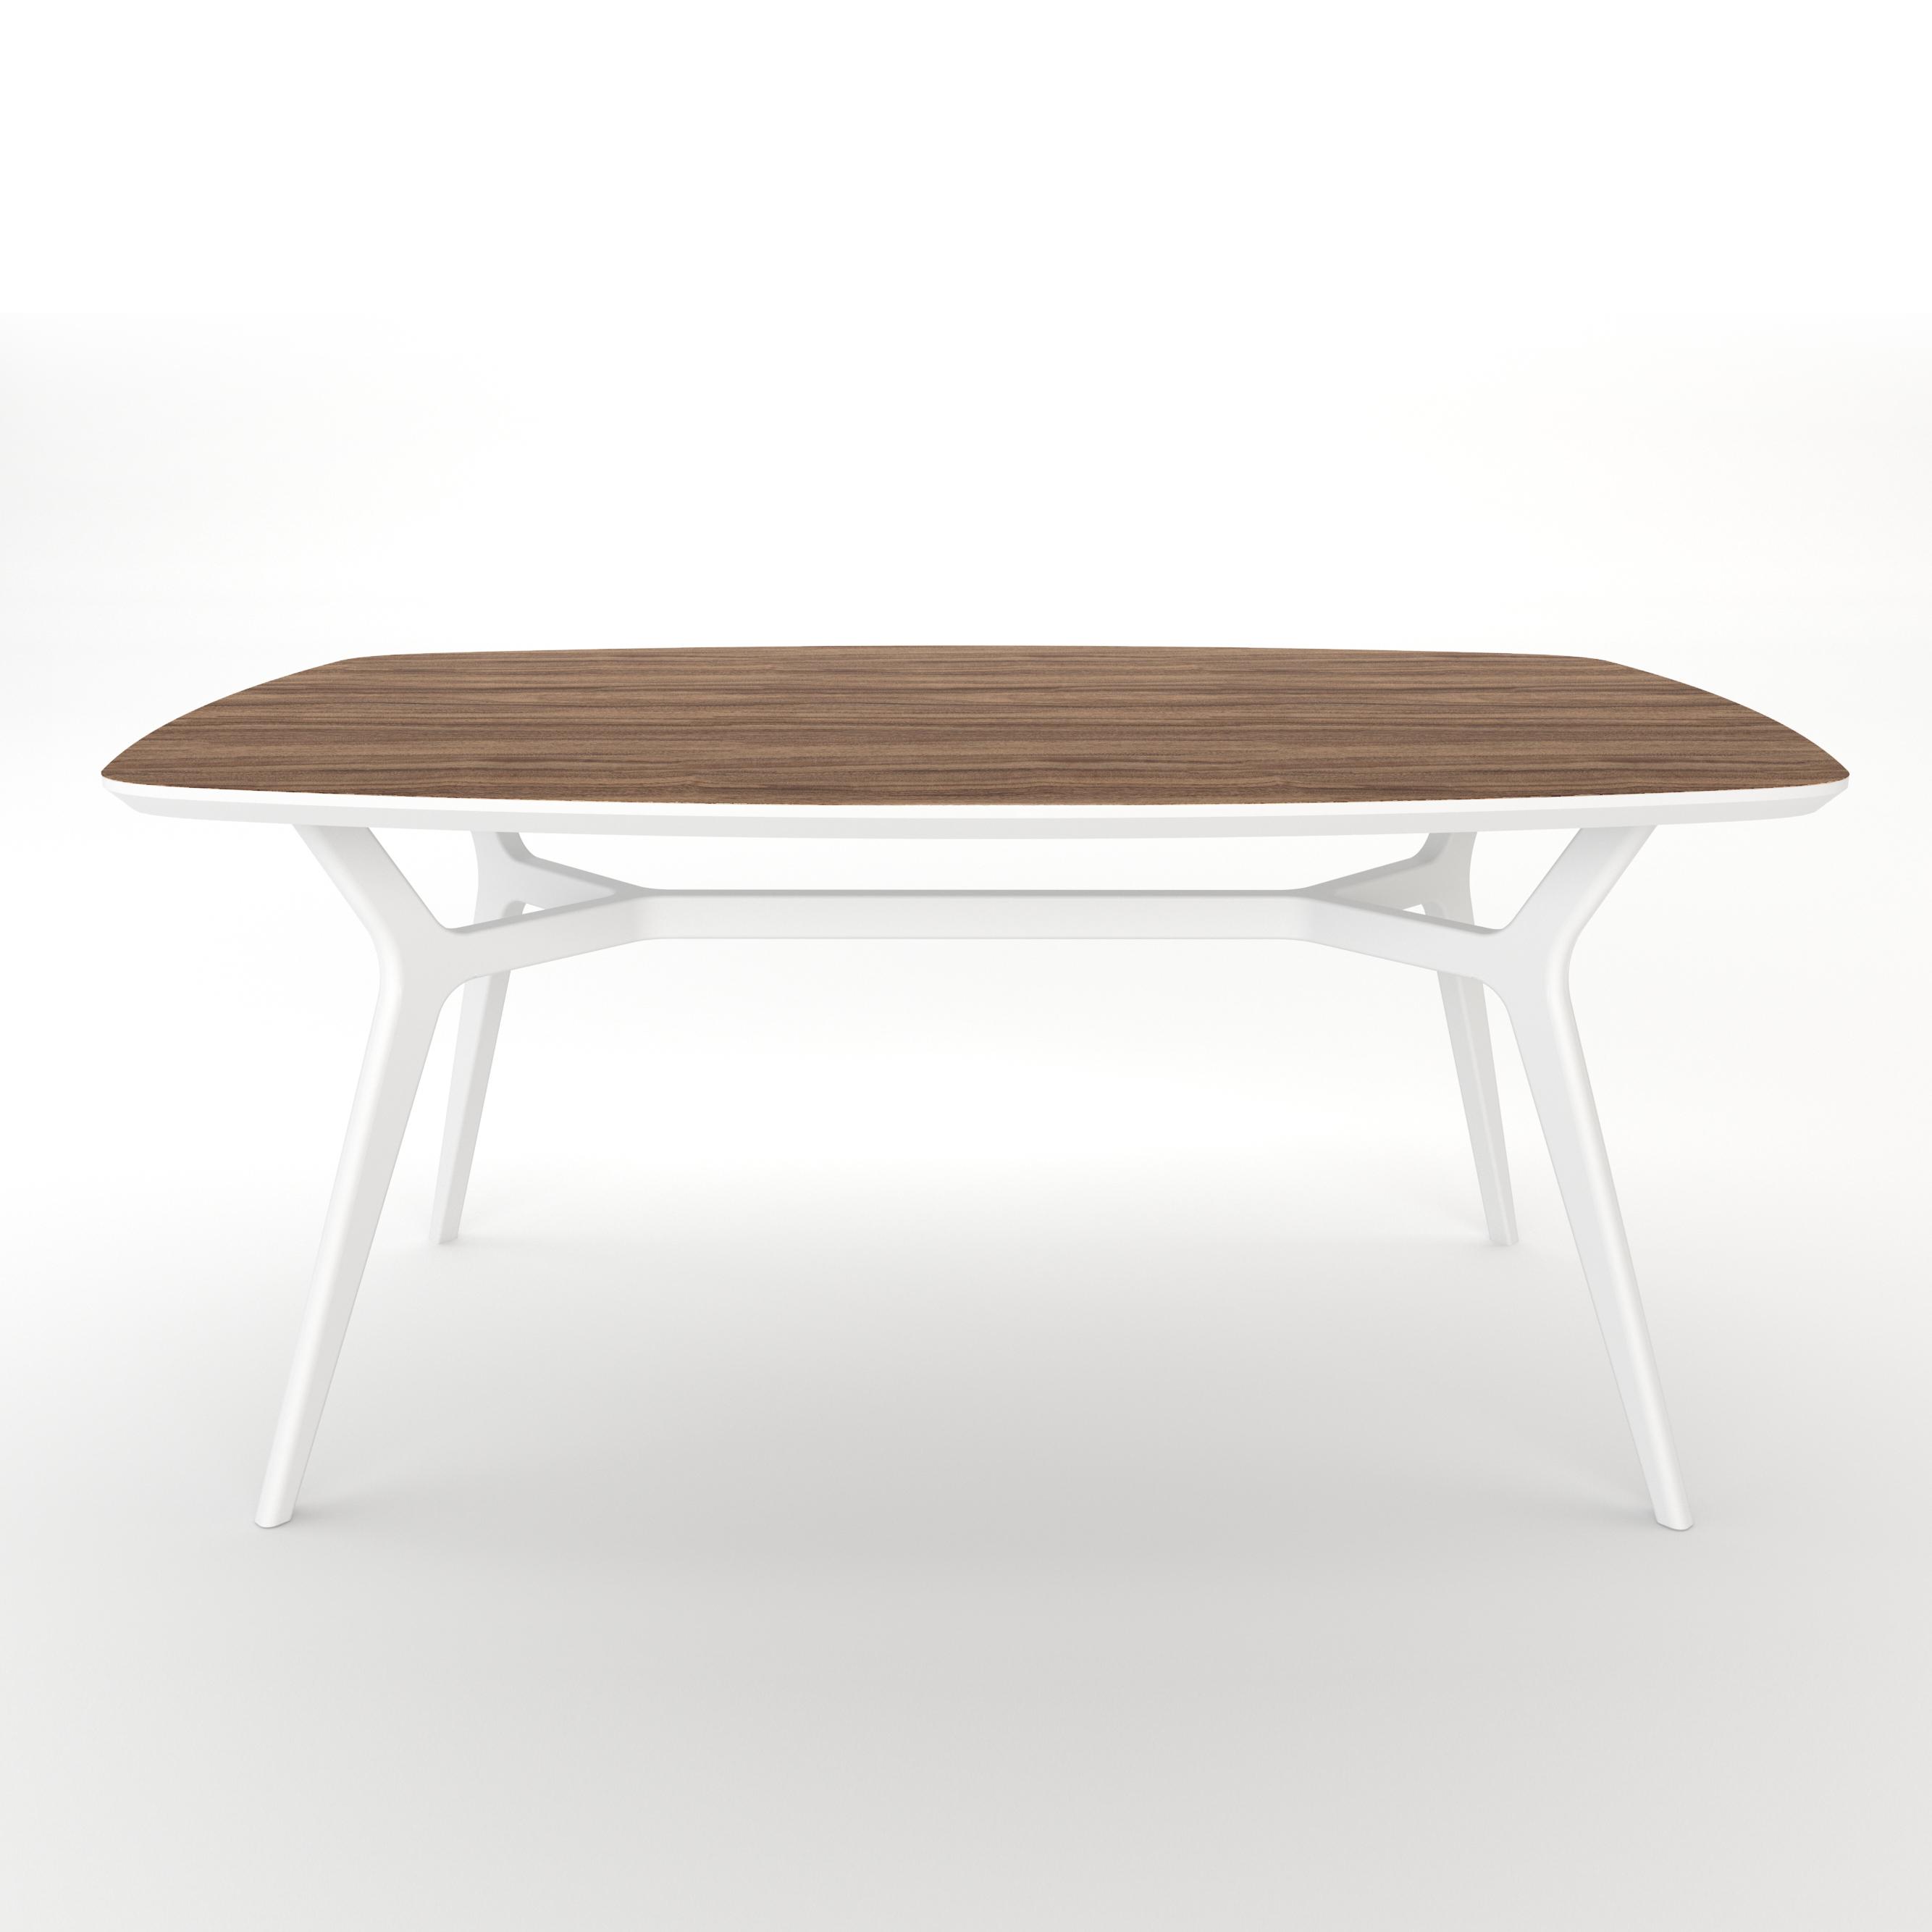 Стол JohannОбеденные столы<br>Тщательная проработка деталей и пропорций стола позволяет ему идеально вписаться в любой интерьер .&amp;lt;div&amp;gt;&amp;lt;br&amp;gt;&amp;lt;/div&amp;gt;&amp;lt;div&amp;gt;Отделка столешницы шпоном ореха, подстолье выкрашено в белый цвет. Сборка не требуется.&amp;lt;/div&amp;gt;<br><br>Material: МДФ<br>Width см: 160<br>Depth см: 80<br>Height см: 75